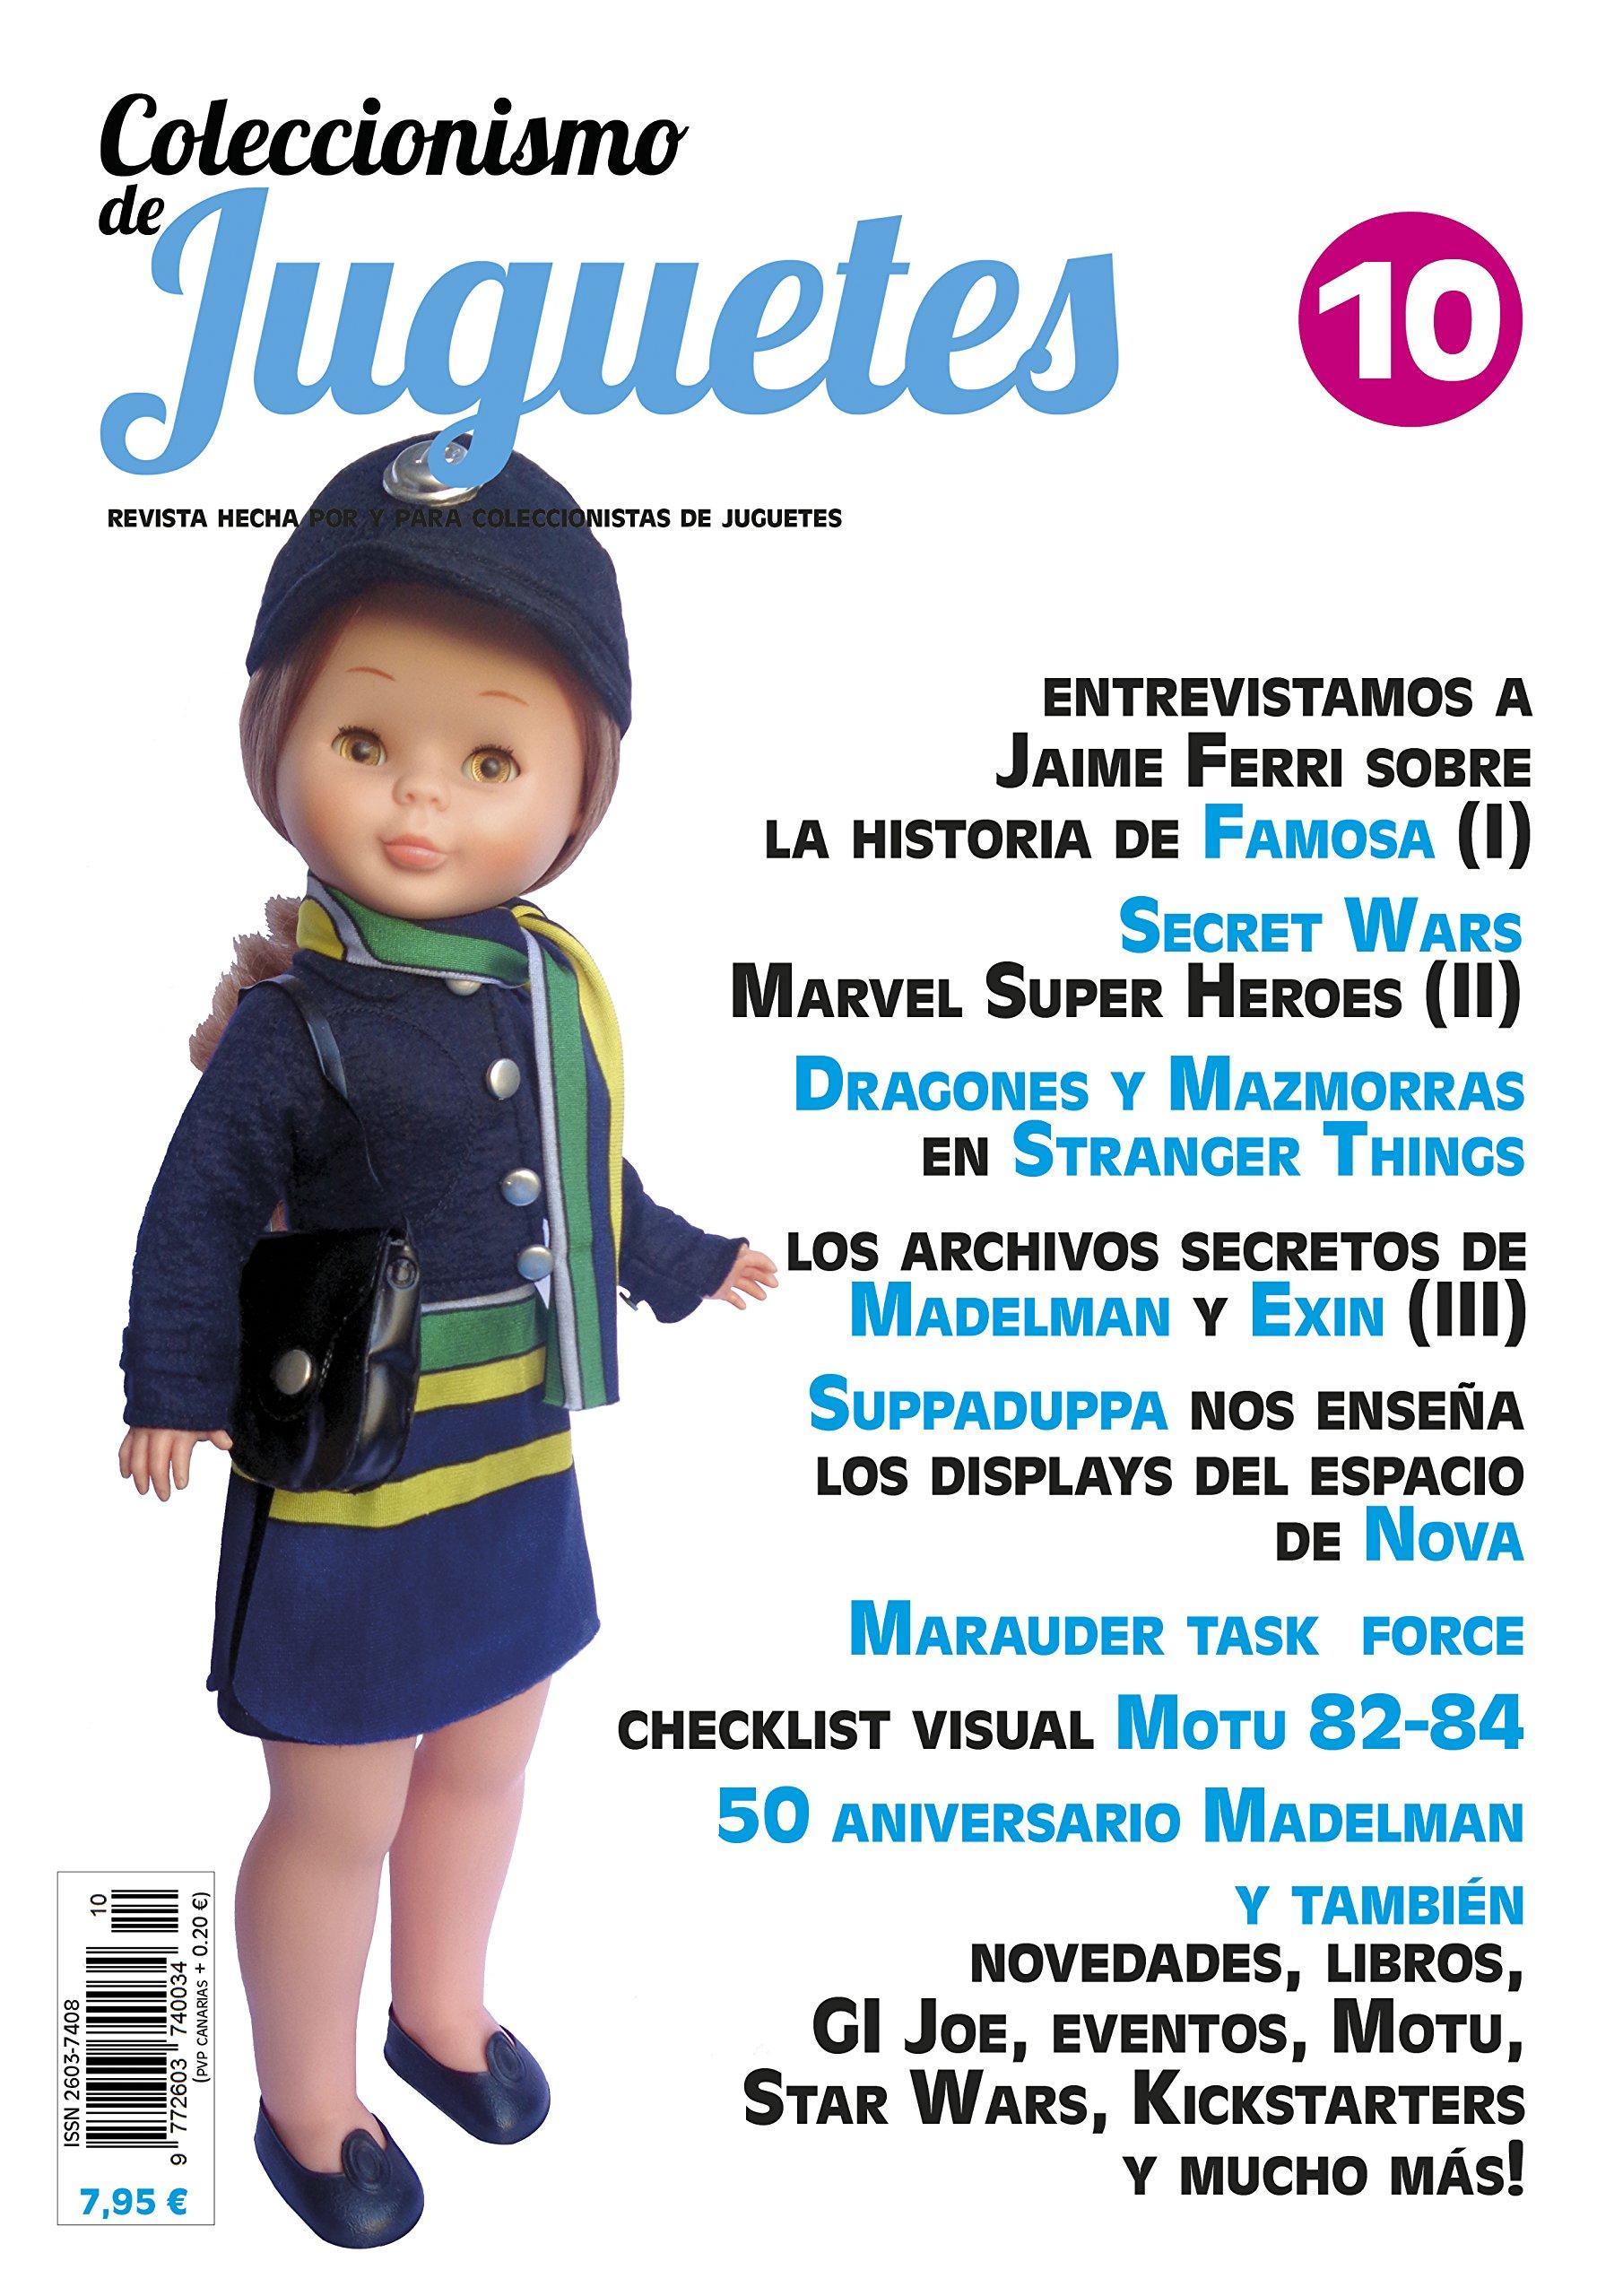 10Amazon aaLibros Juguetes Revista De esVv Numero Coleccionismo 7bgvYyf6